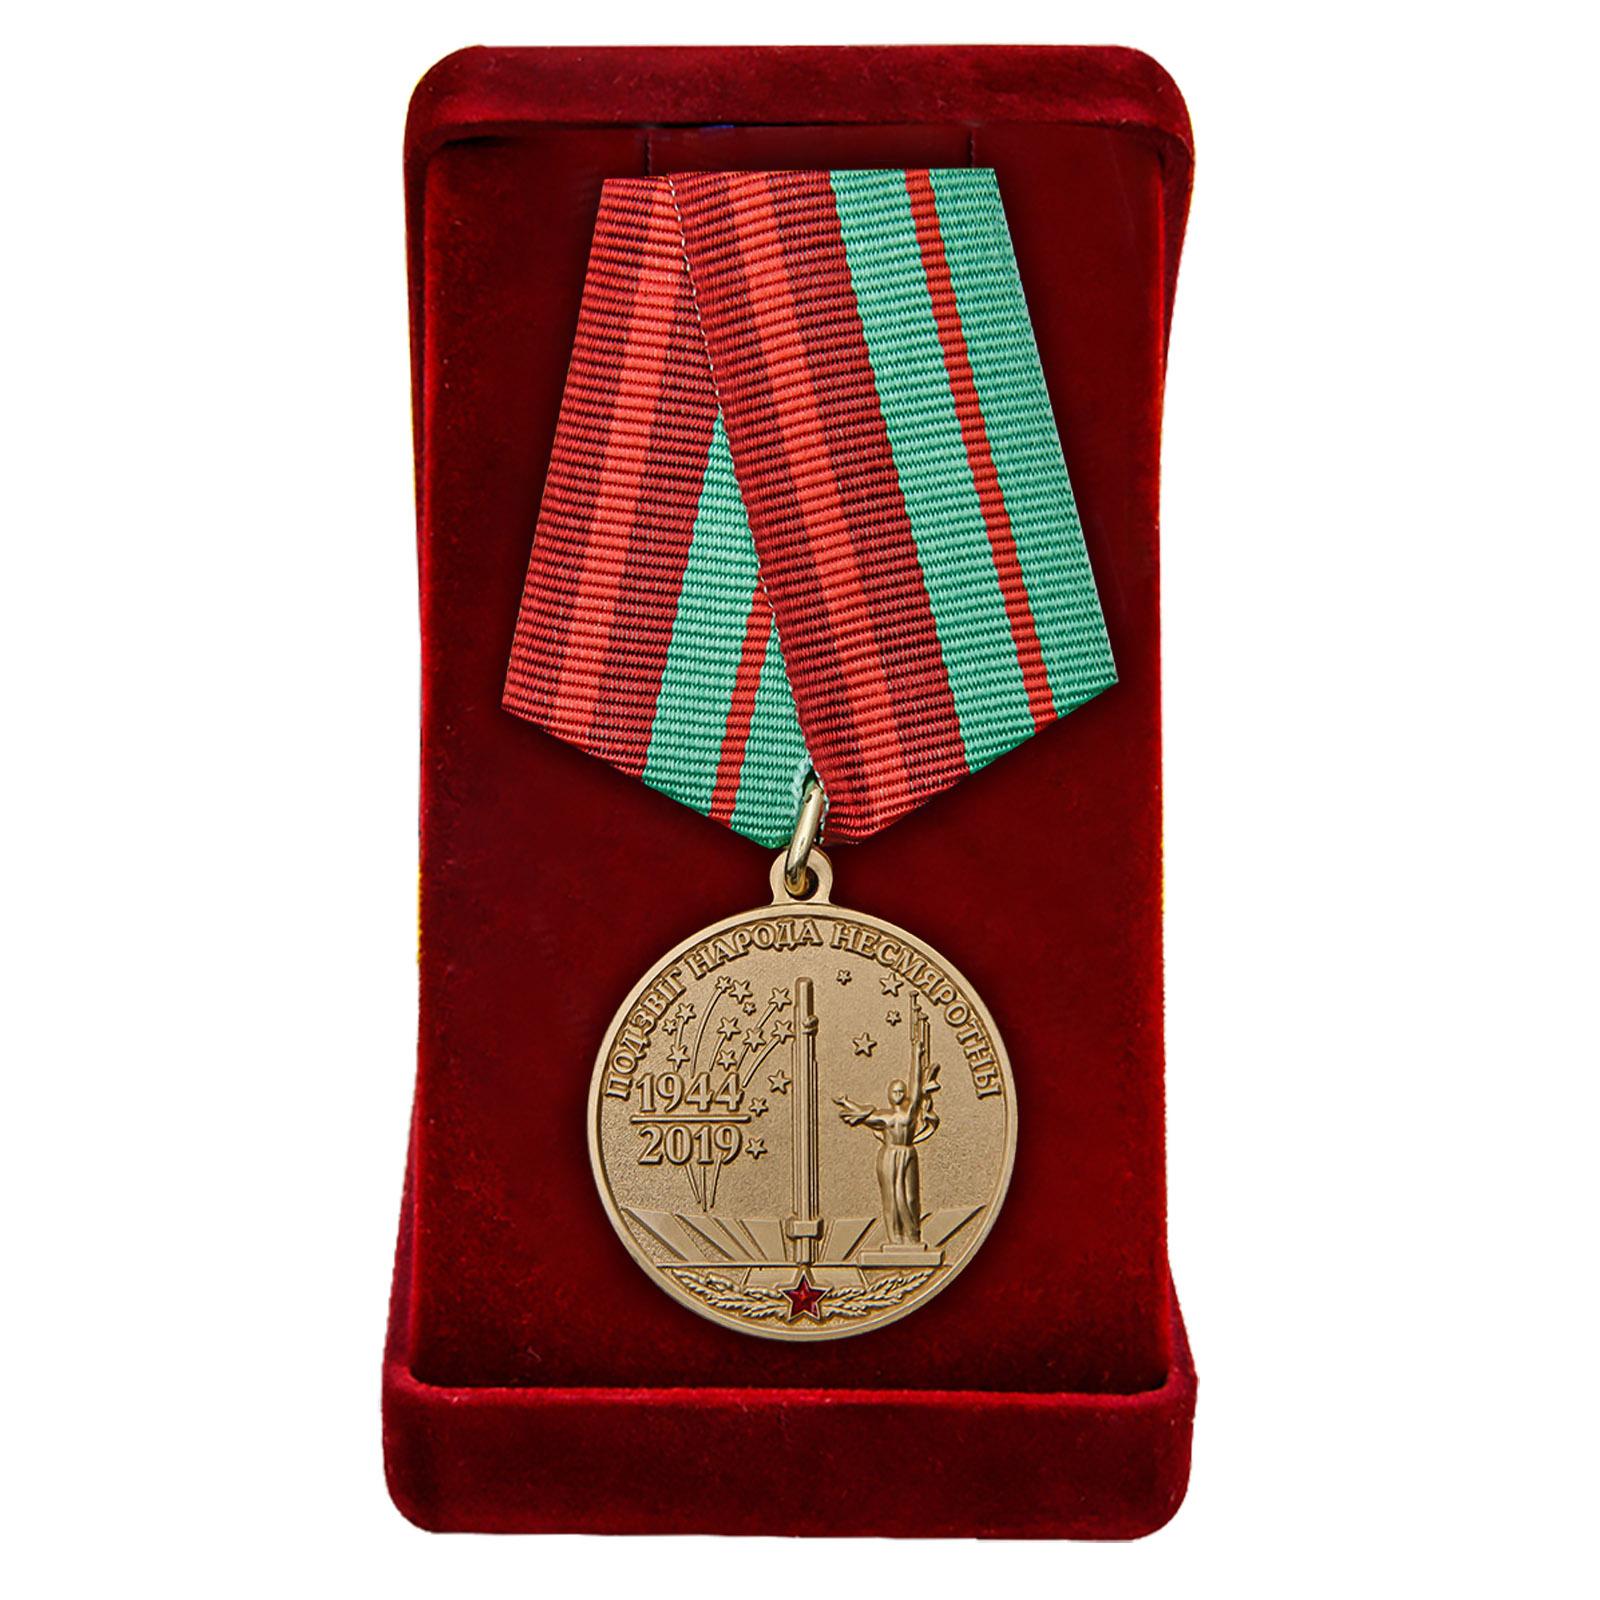 Купить юбилейную медаль 75 лет освобождения Беларуси от немецко-фашистских захватчиков в подарок